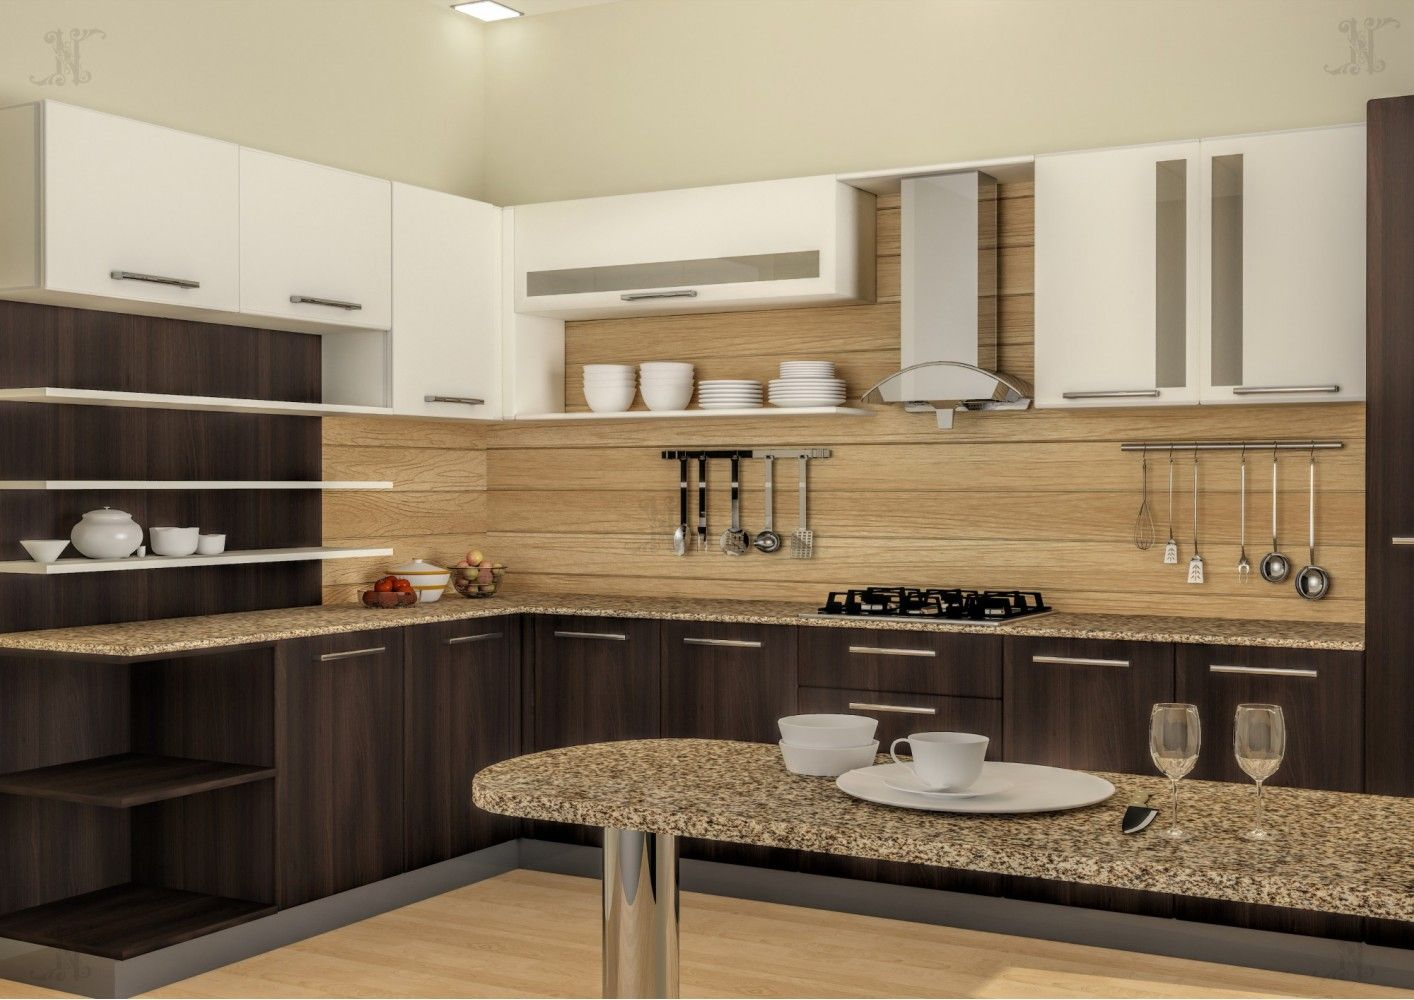 Cortesa l shape modular kitchen ideas for the house - L shaped modular kitchen designs catalogue ...